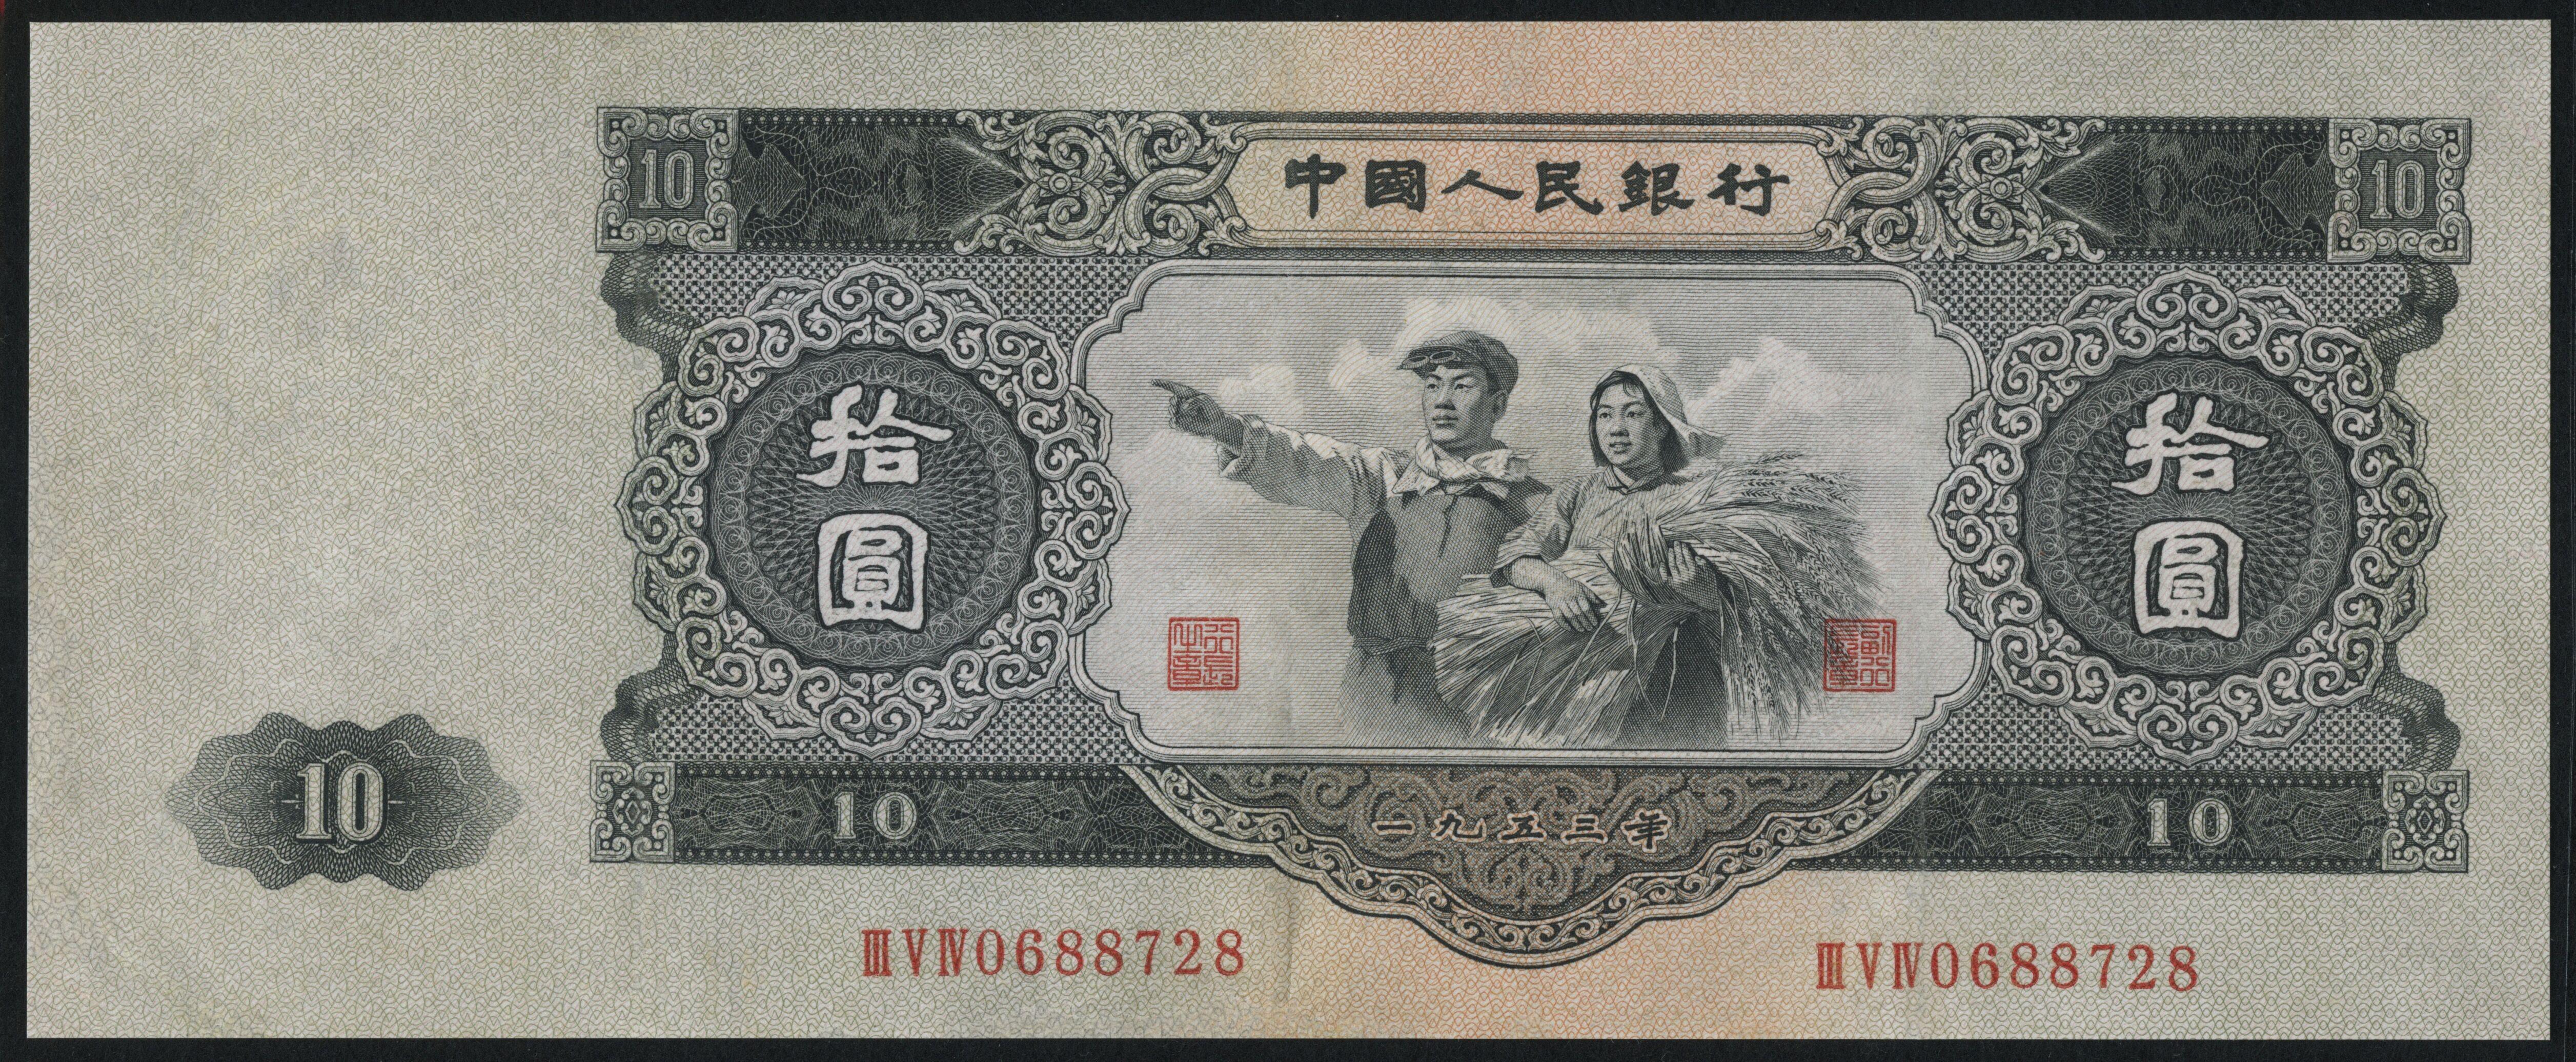 中华人民共和国1953年10元纸币正面